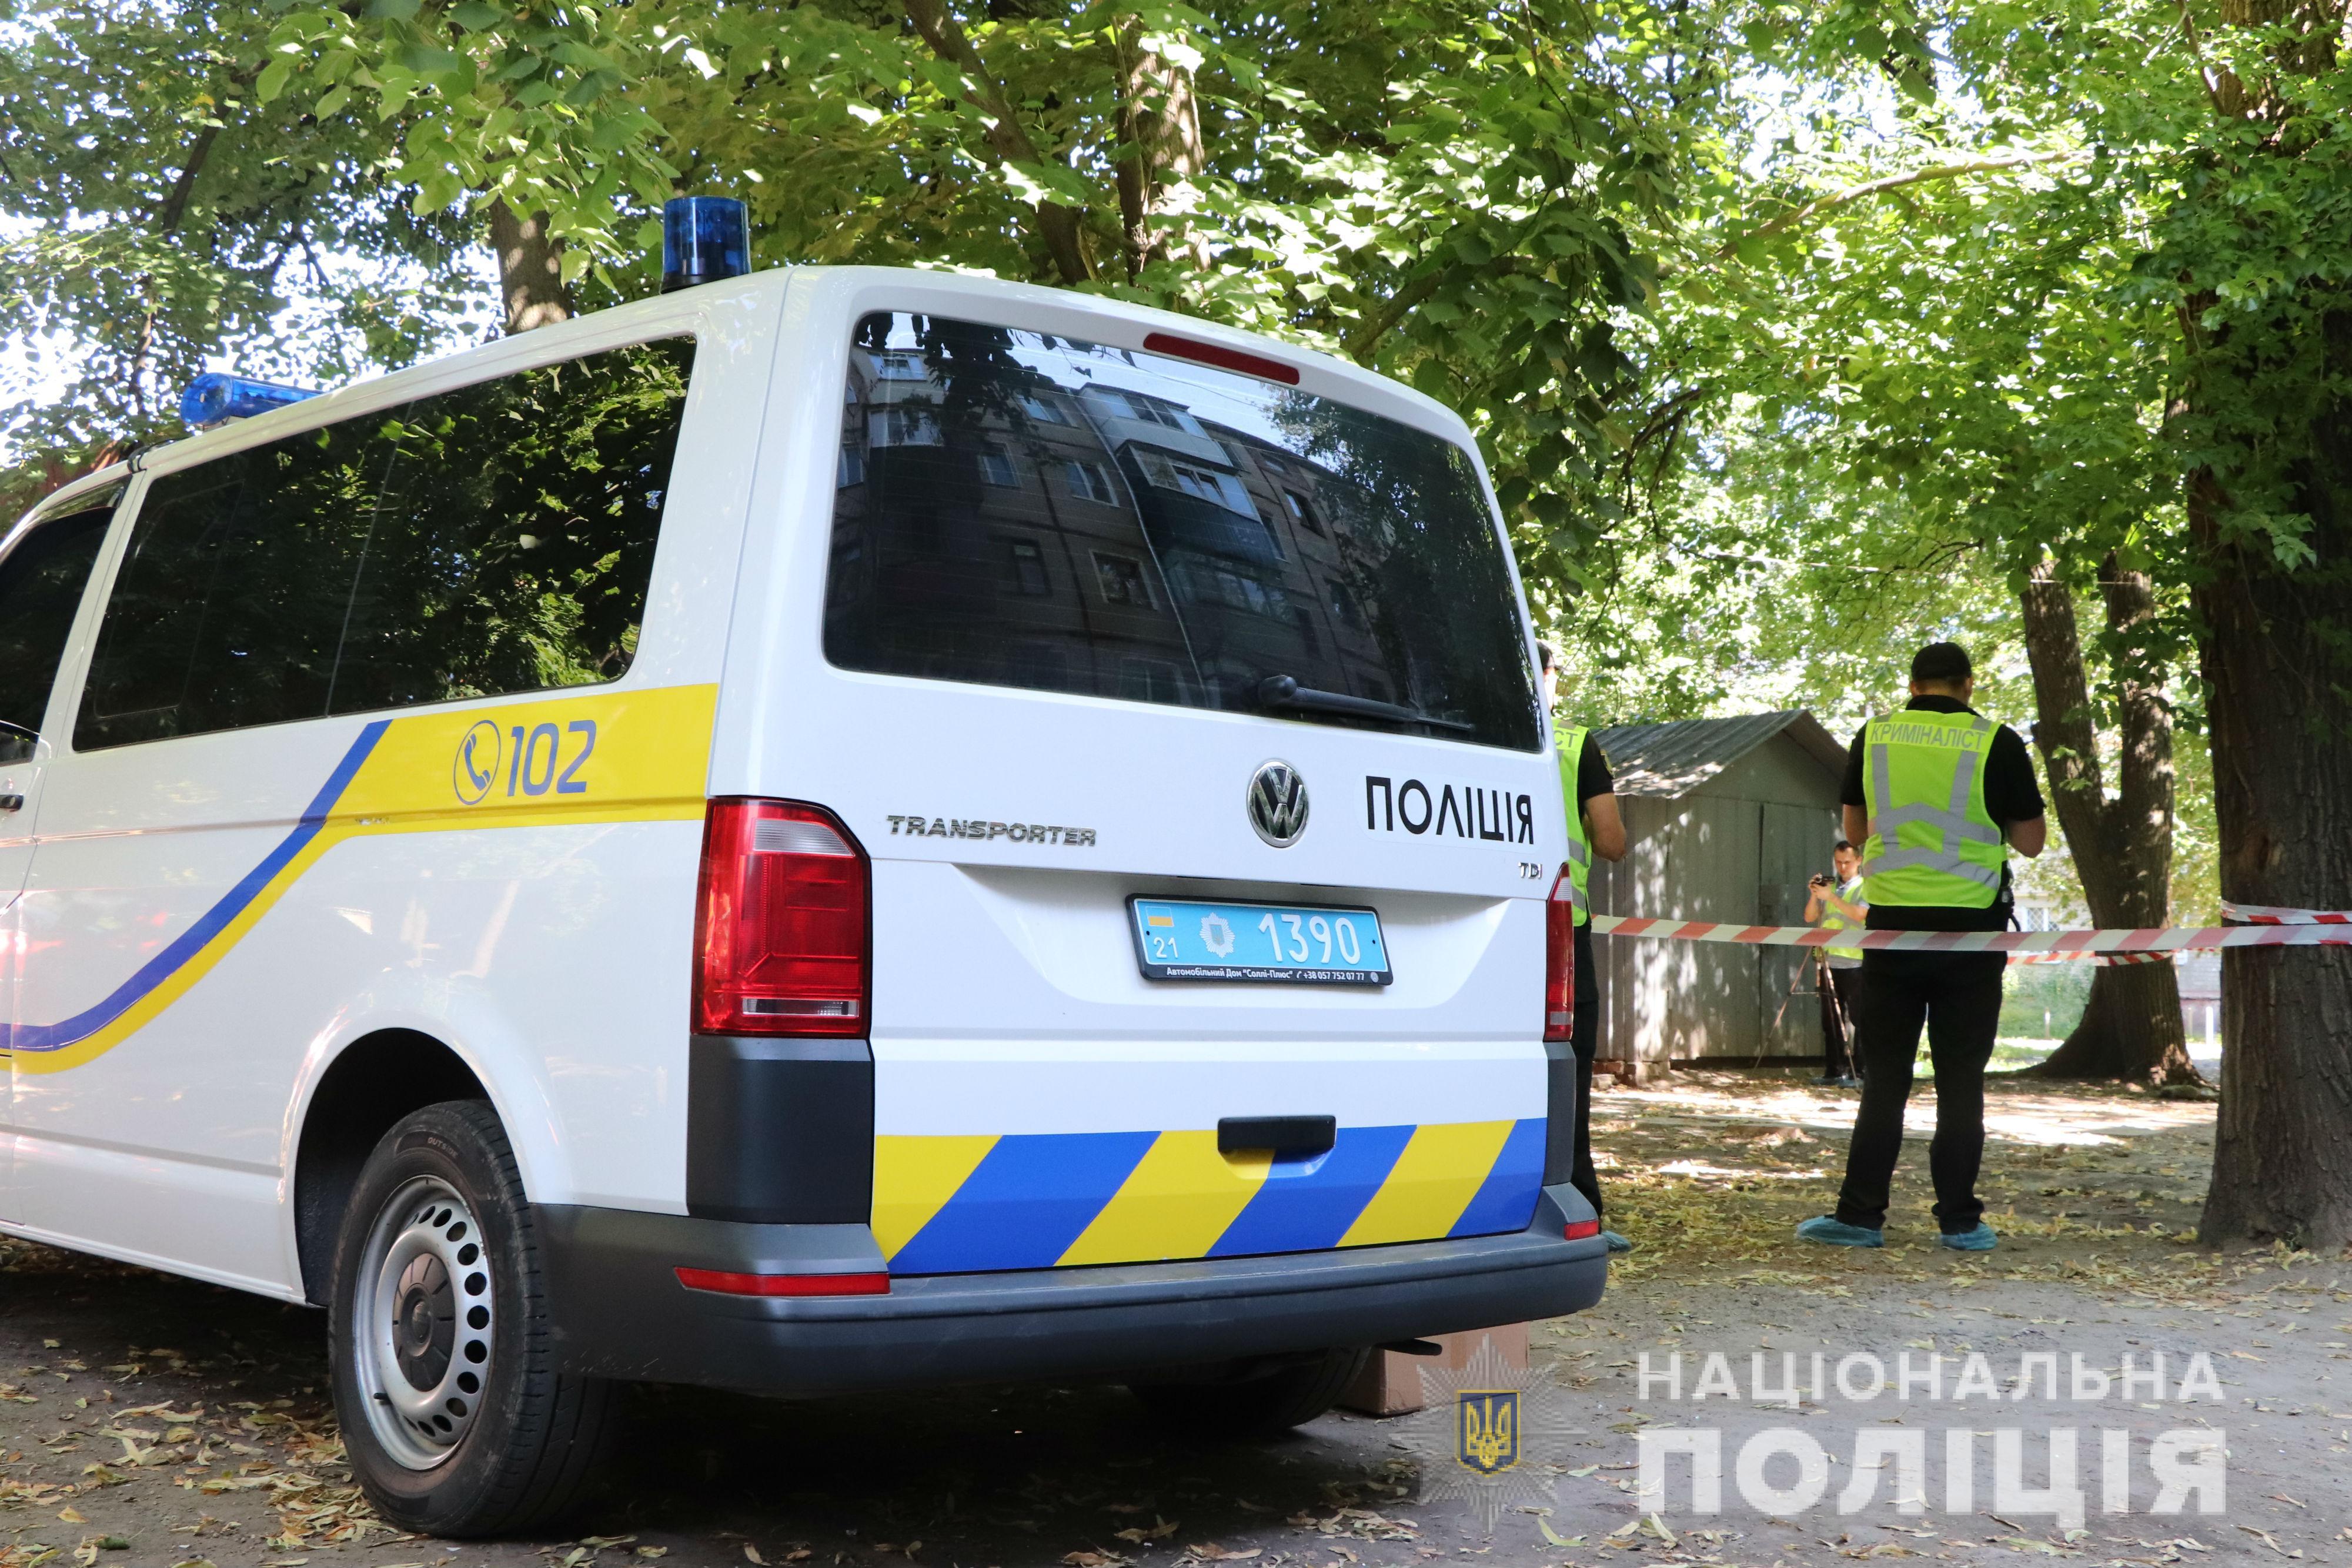 В Харькове женщина нашла на улице тело, завернутое в ковер: в полиции рассказали, кто выкинул погибшего